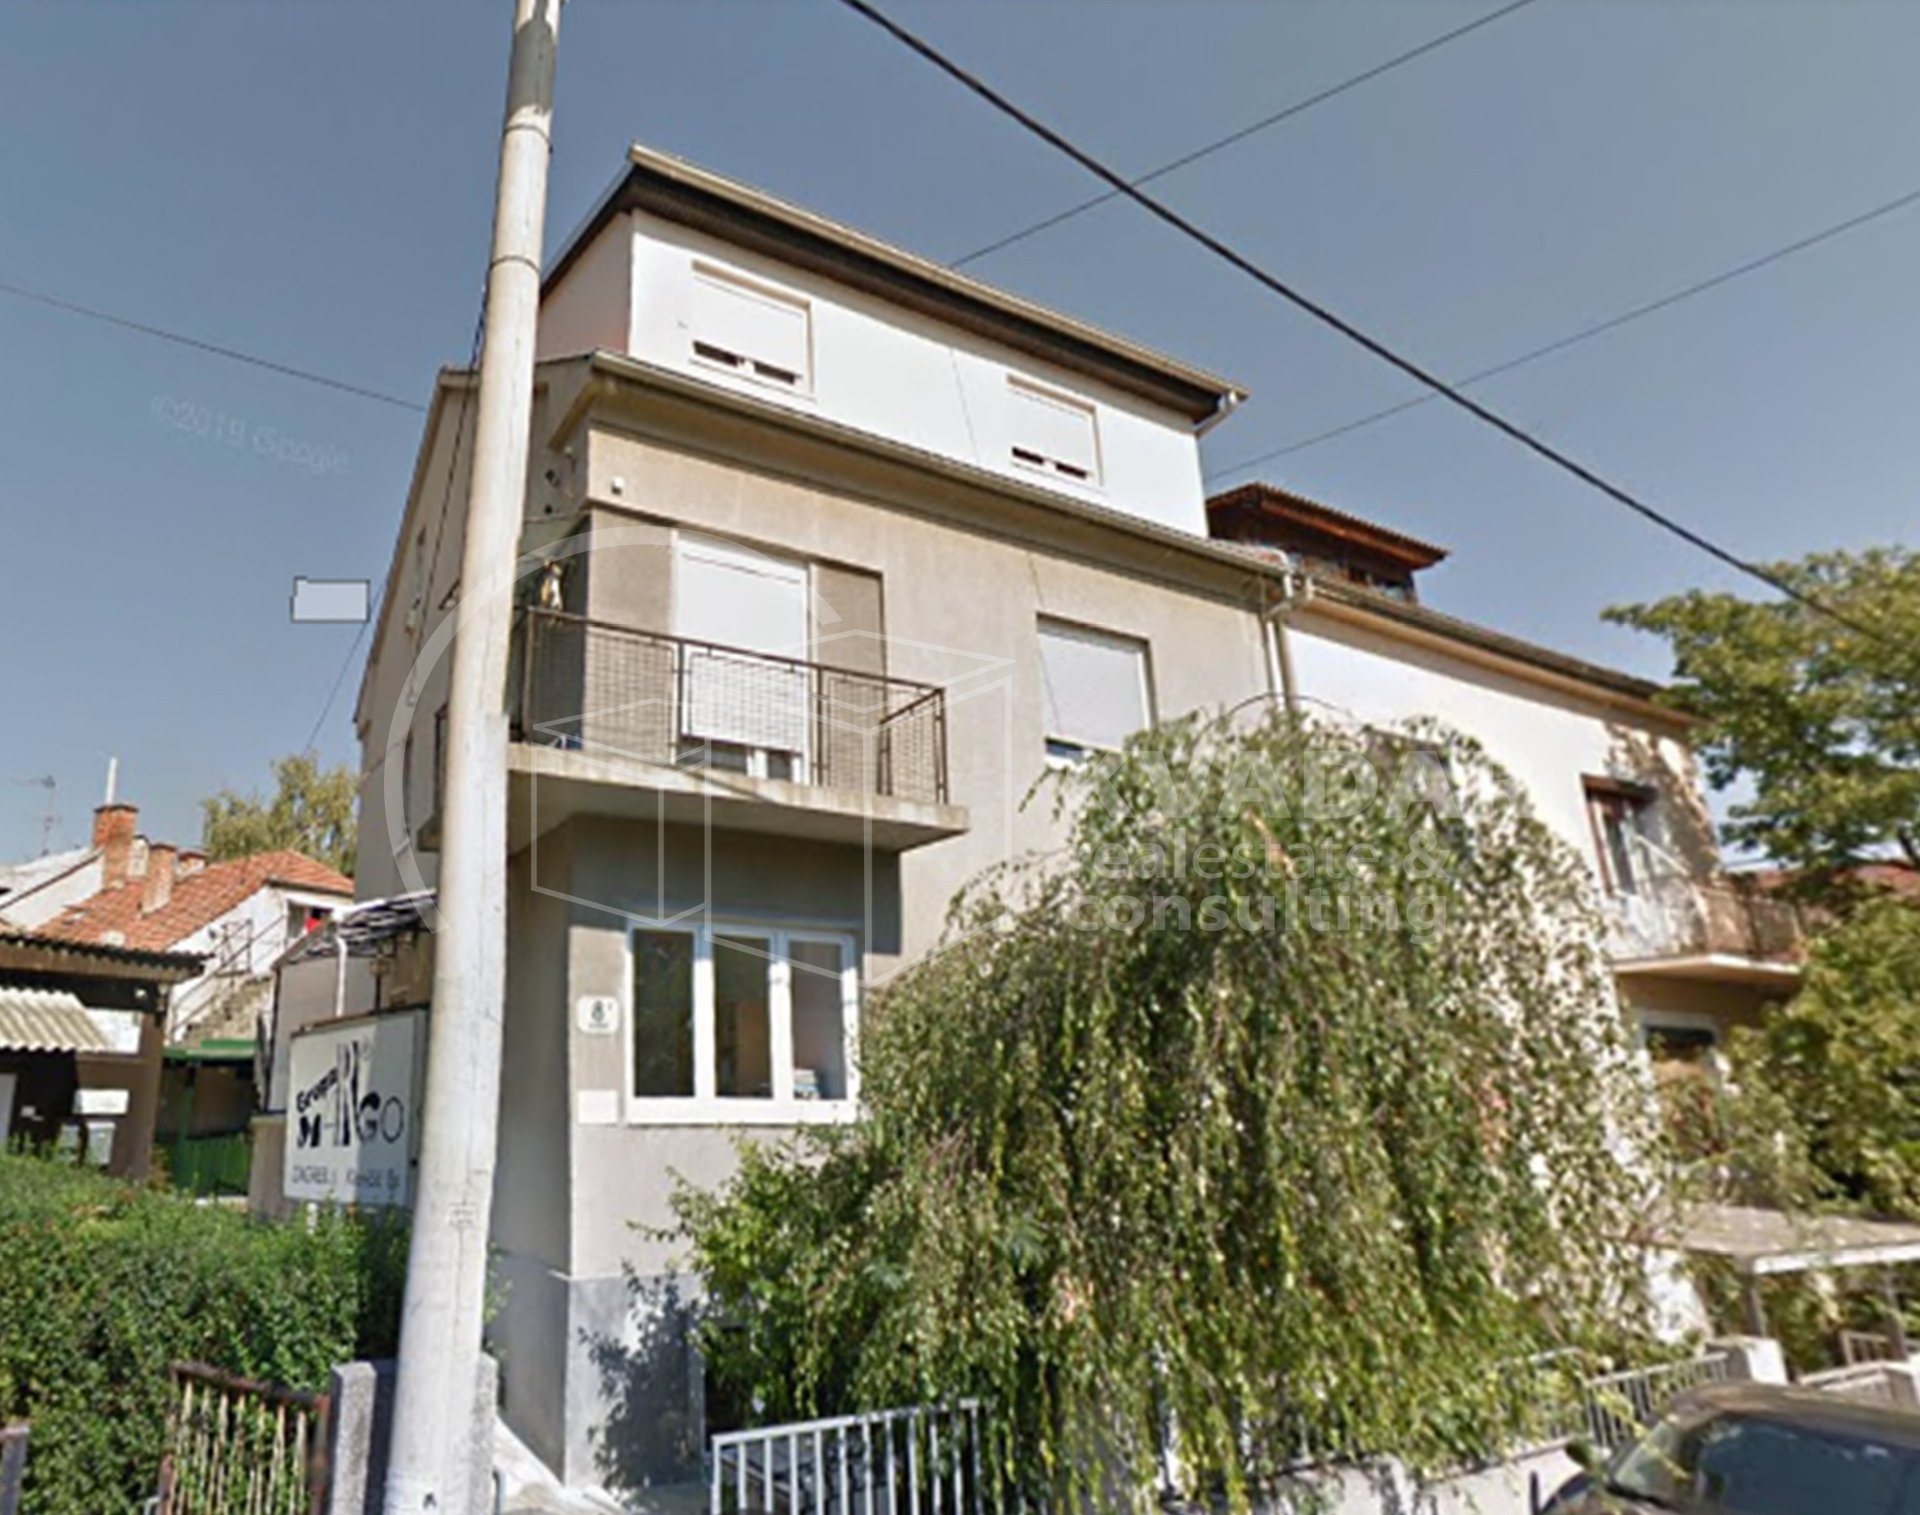 4 rooms, Apartment, 120m²